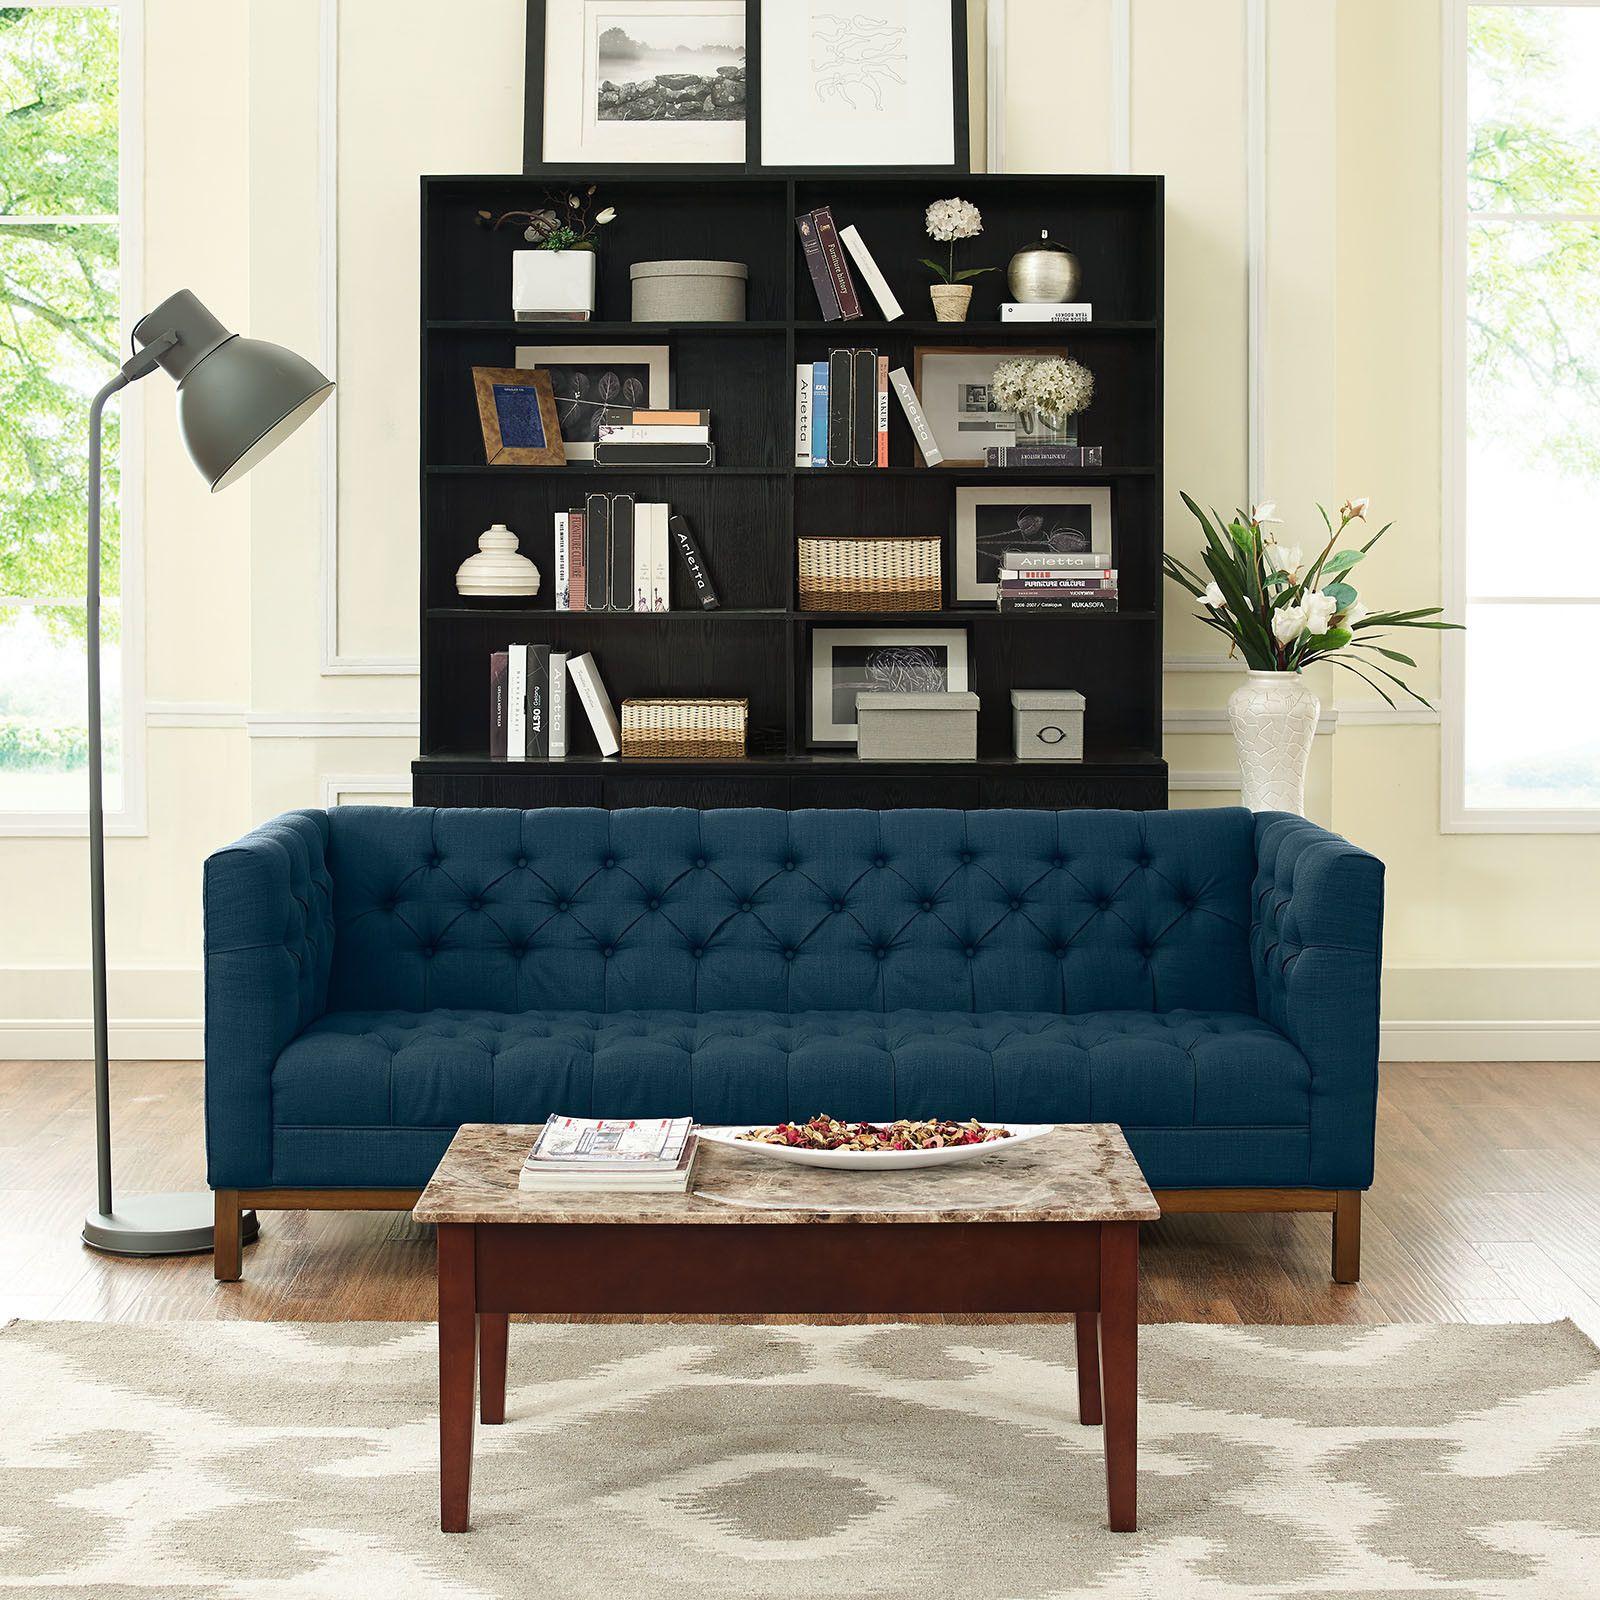 810d6252d548a79225e9840fb1b3e53d Luxe De Table Basse Style Romantique Schème